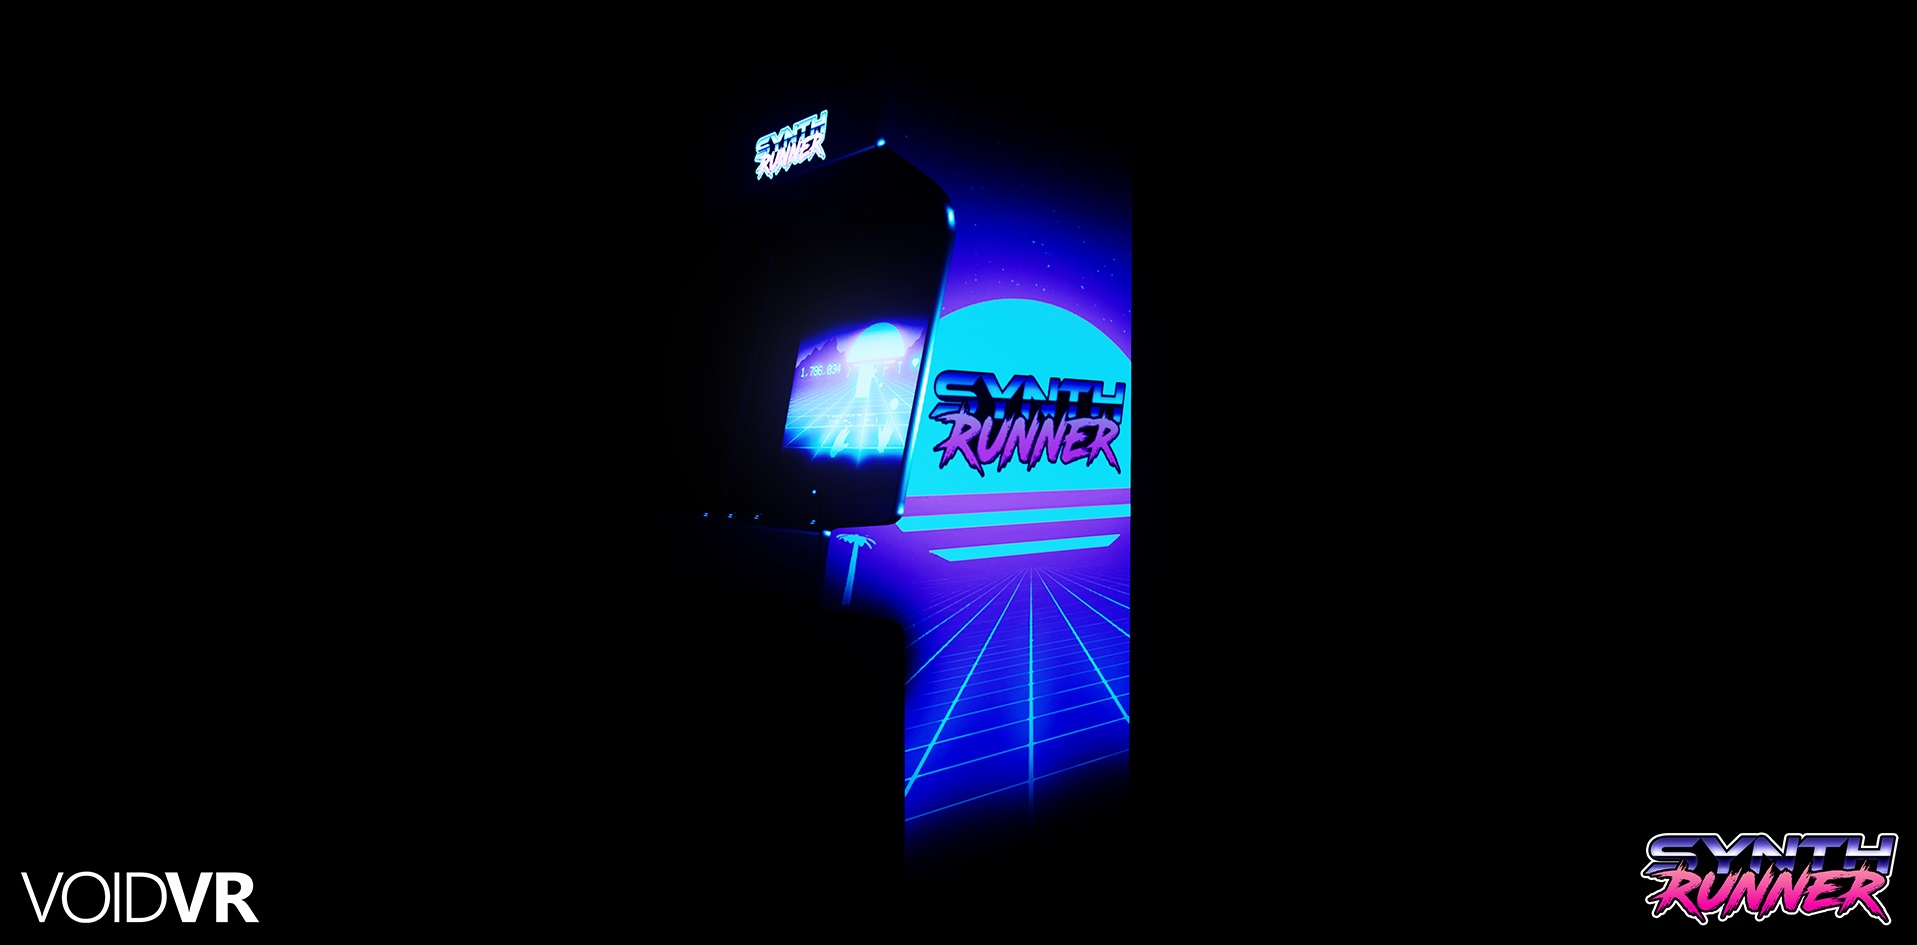 SynthRunner VR